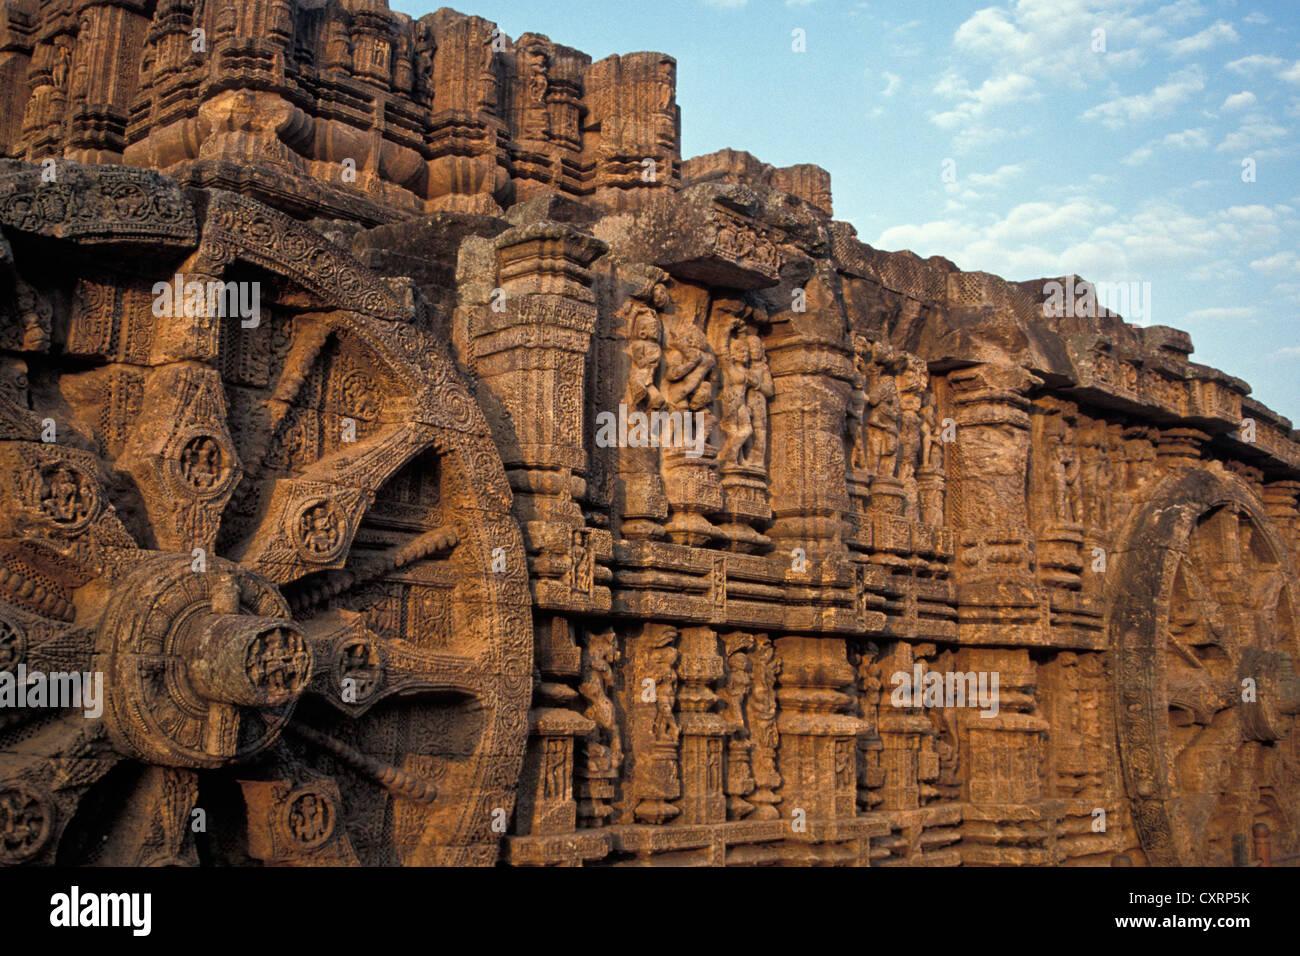 Ruote scolpito in pietra, carro del vedica del dio del sole Surya, Surya Tempio o Tempio del Sole ,, Sito Patrimonio Immagini Stock